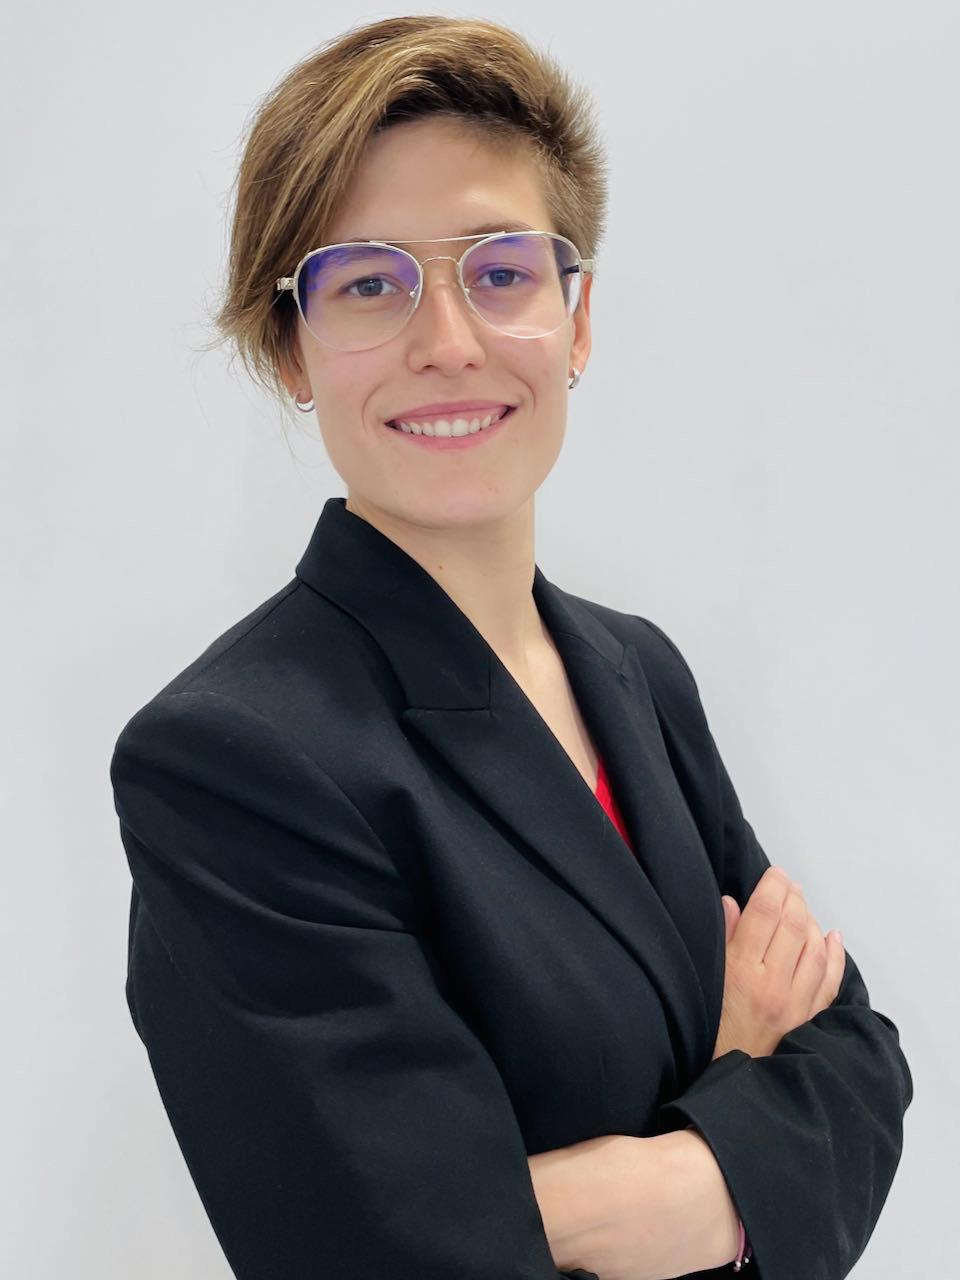 Sra. Gema Labrador Villacampa